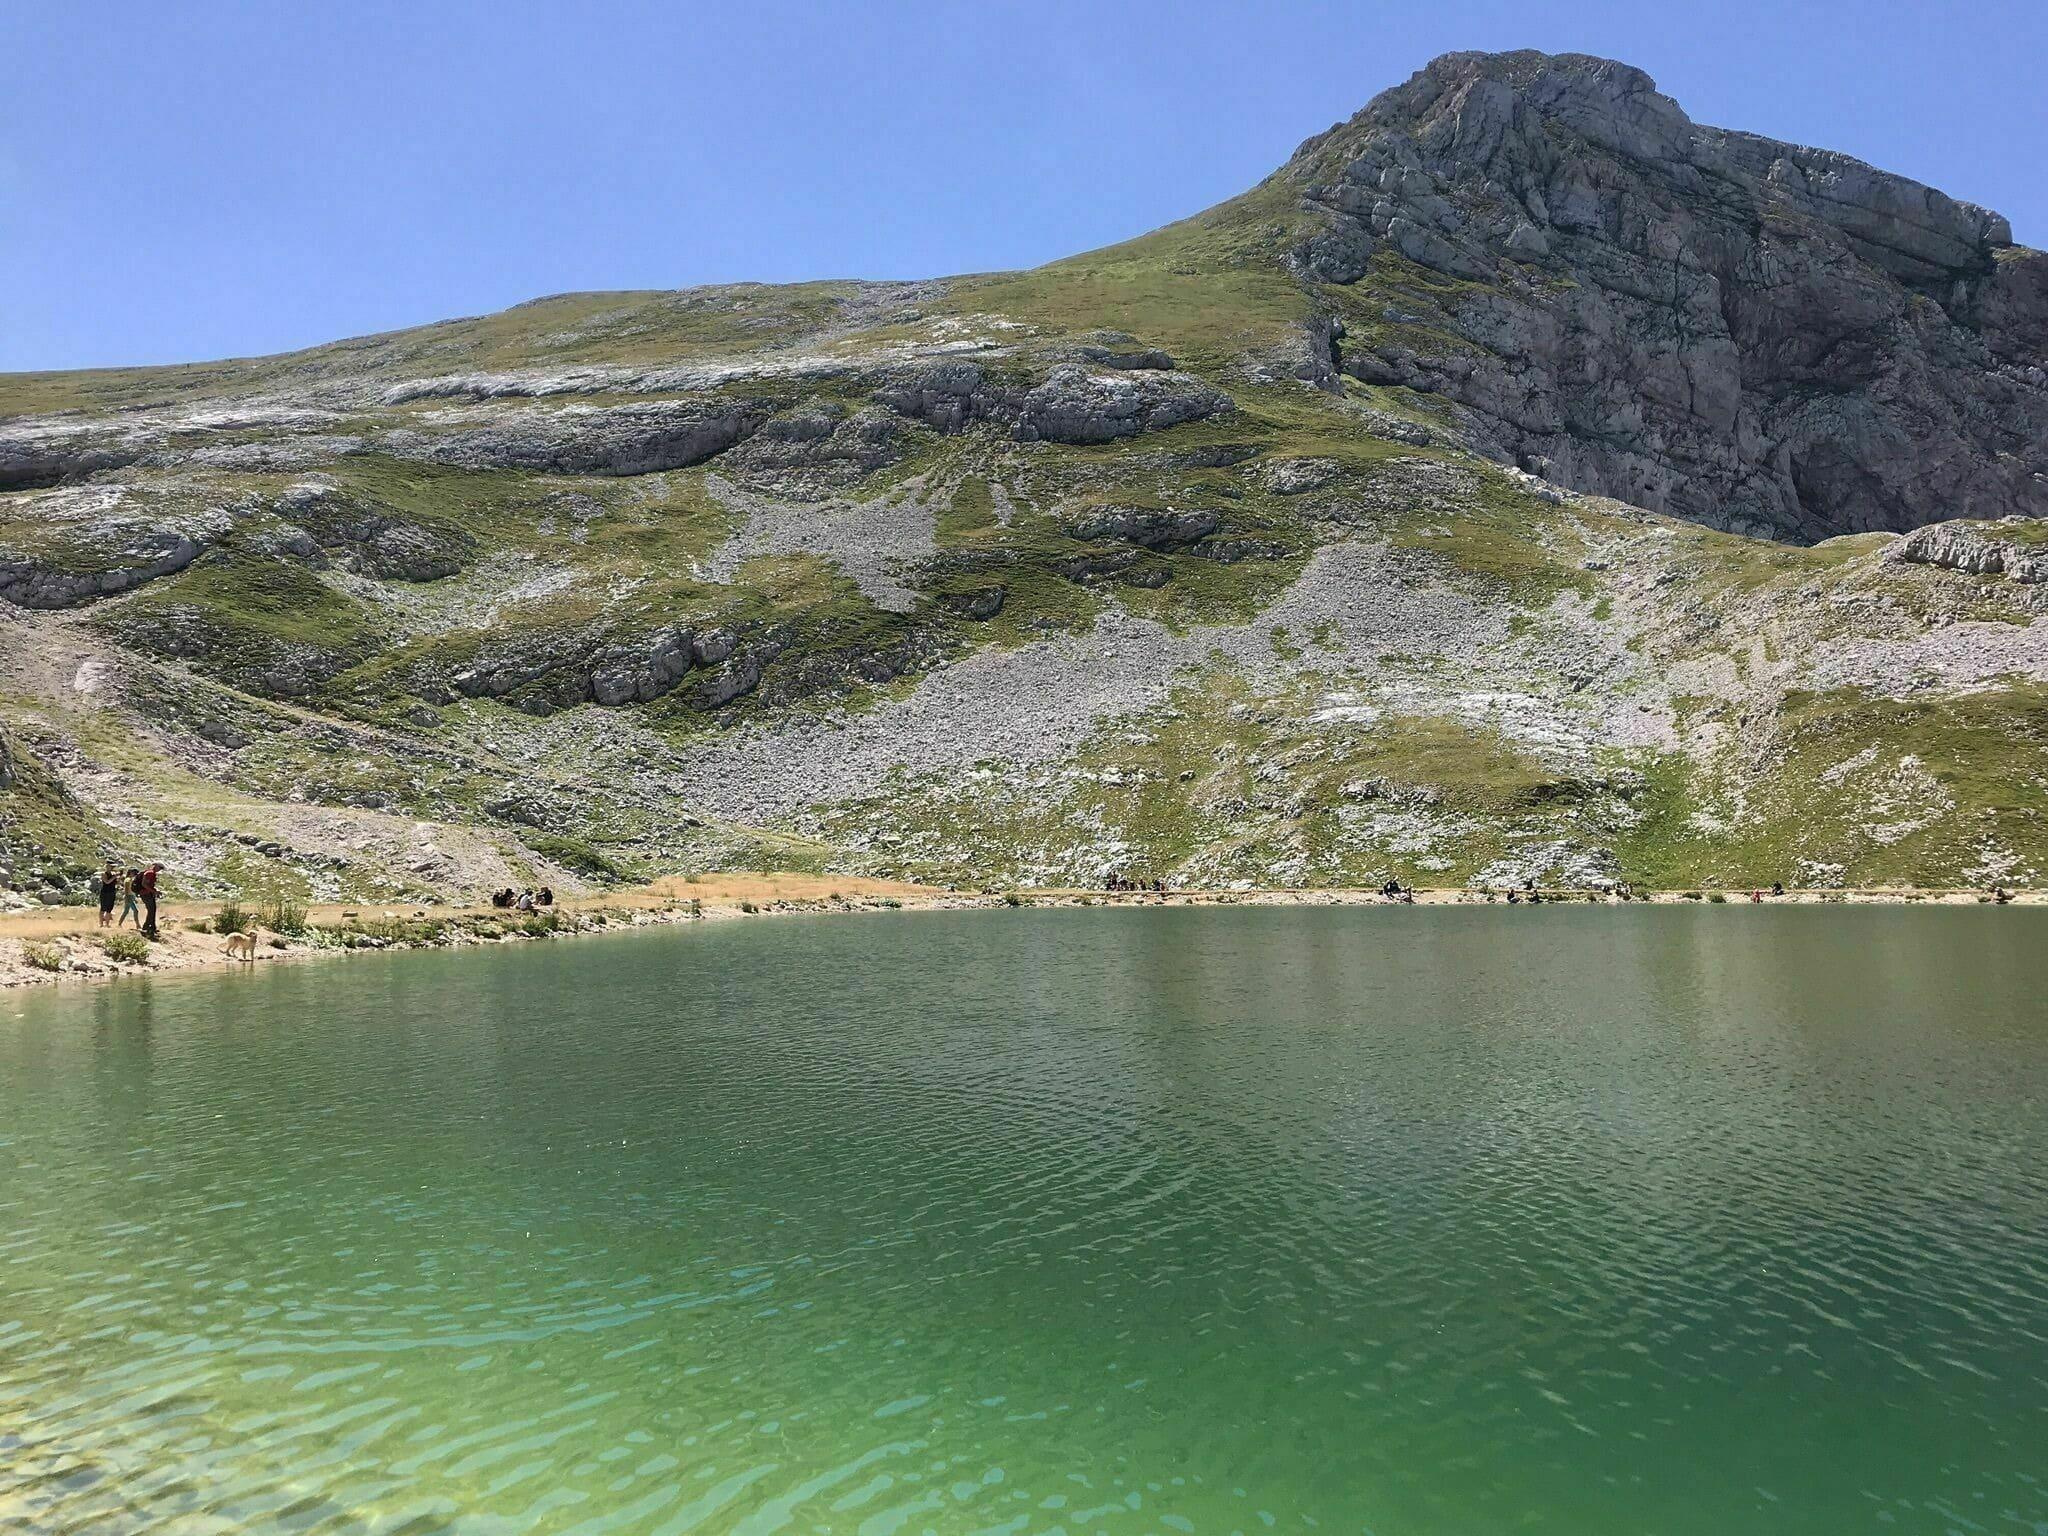 Randonnée Vercors : Le lac de la Moucherolle via la télécabine Côte 2000